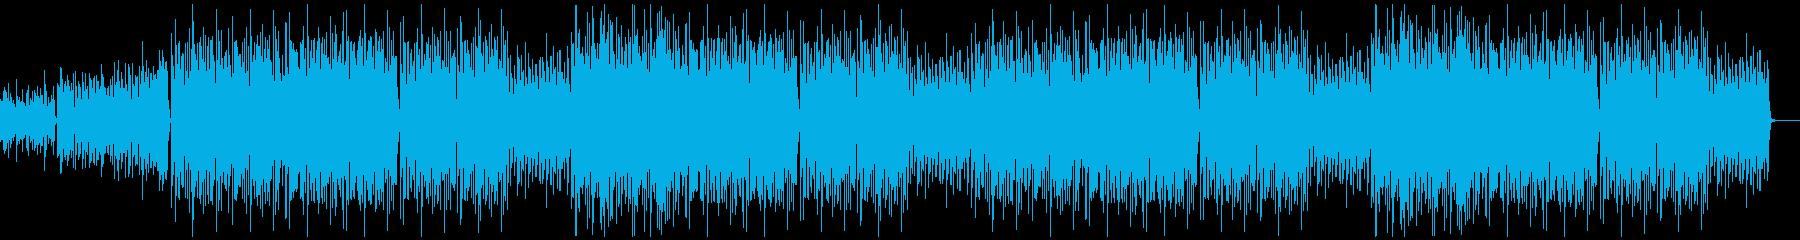 企業VP・コーポレート/明るいBGM:1の再生済みの波形